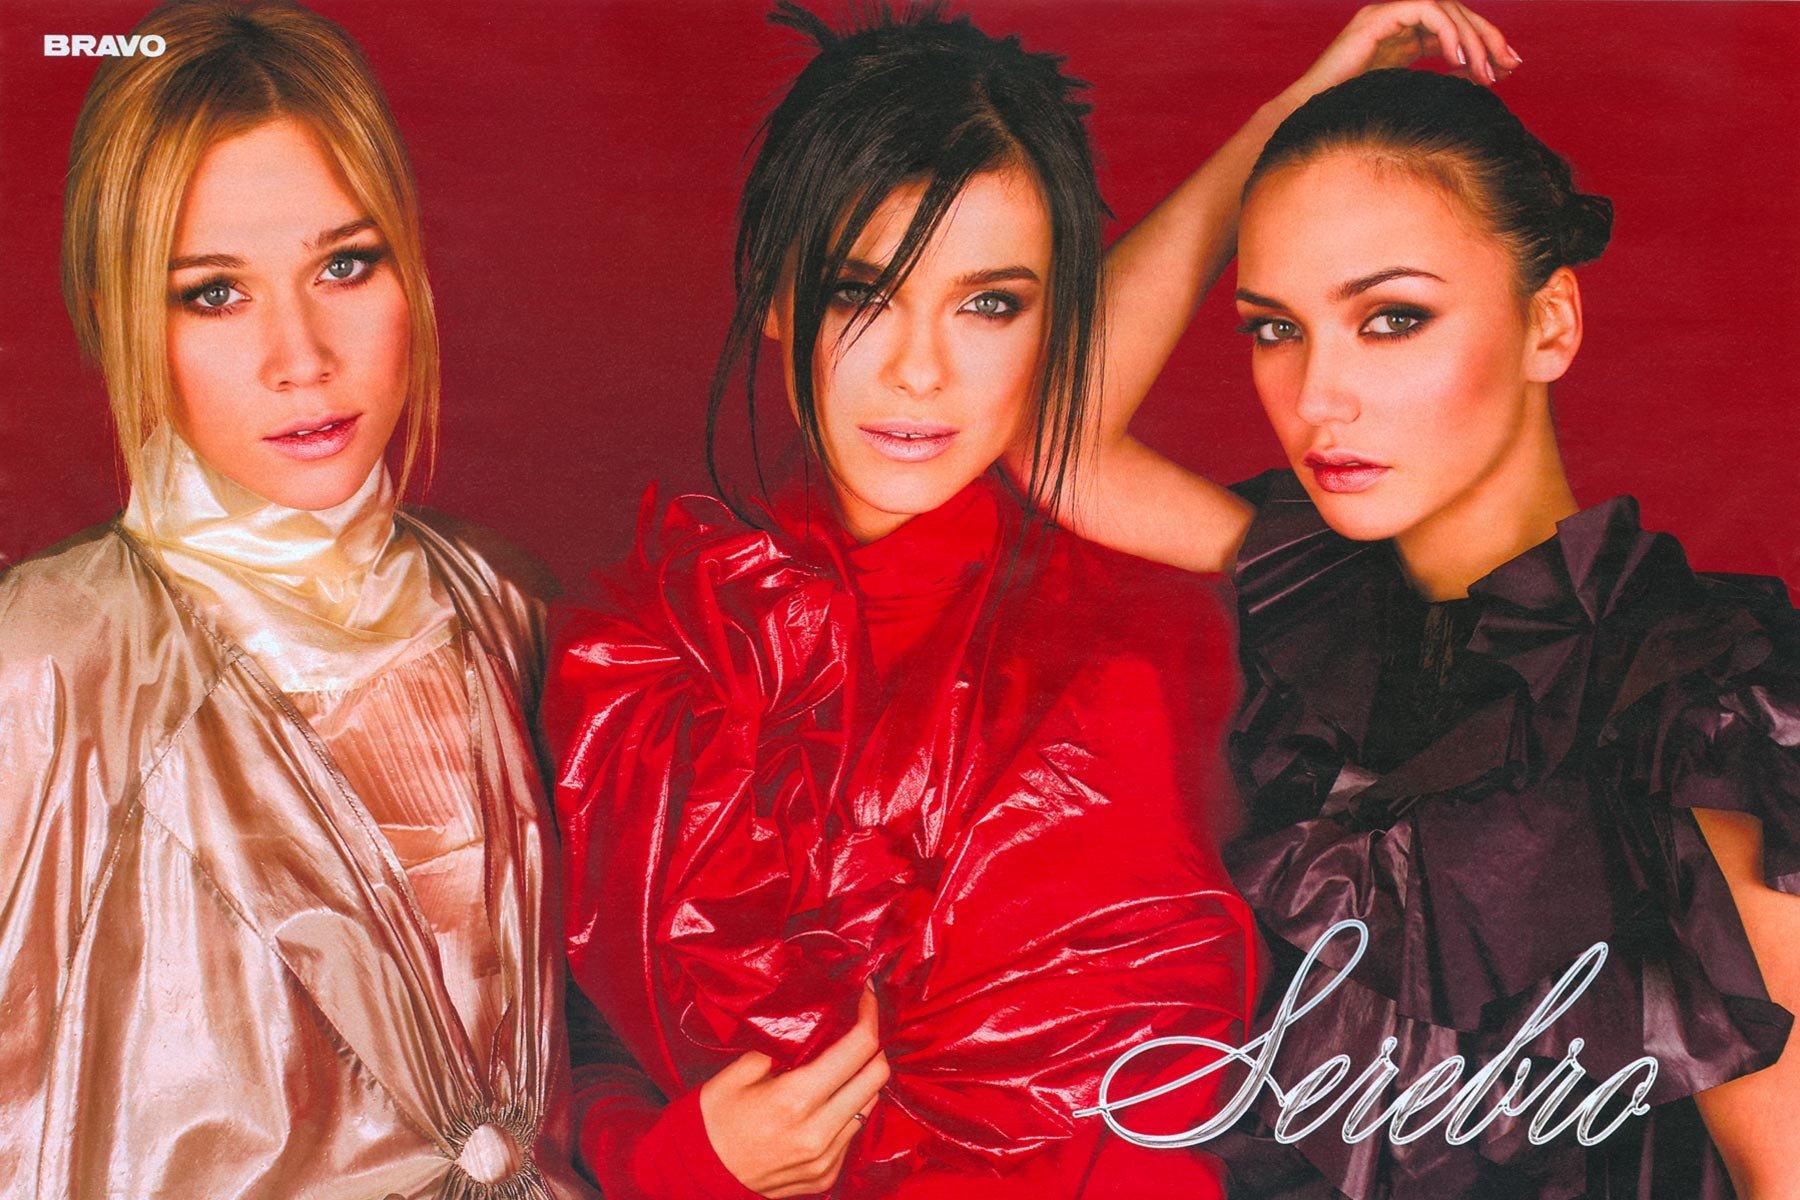 Обои Участницы группы SEREBRO, девушки, красотки, певицы